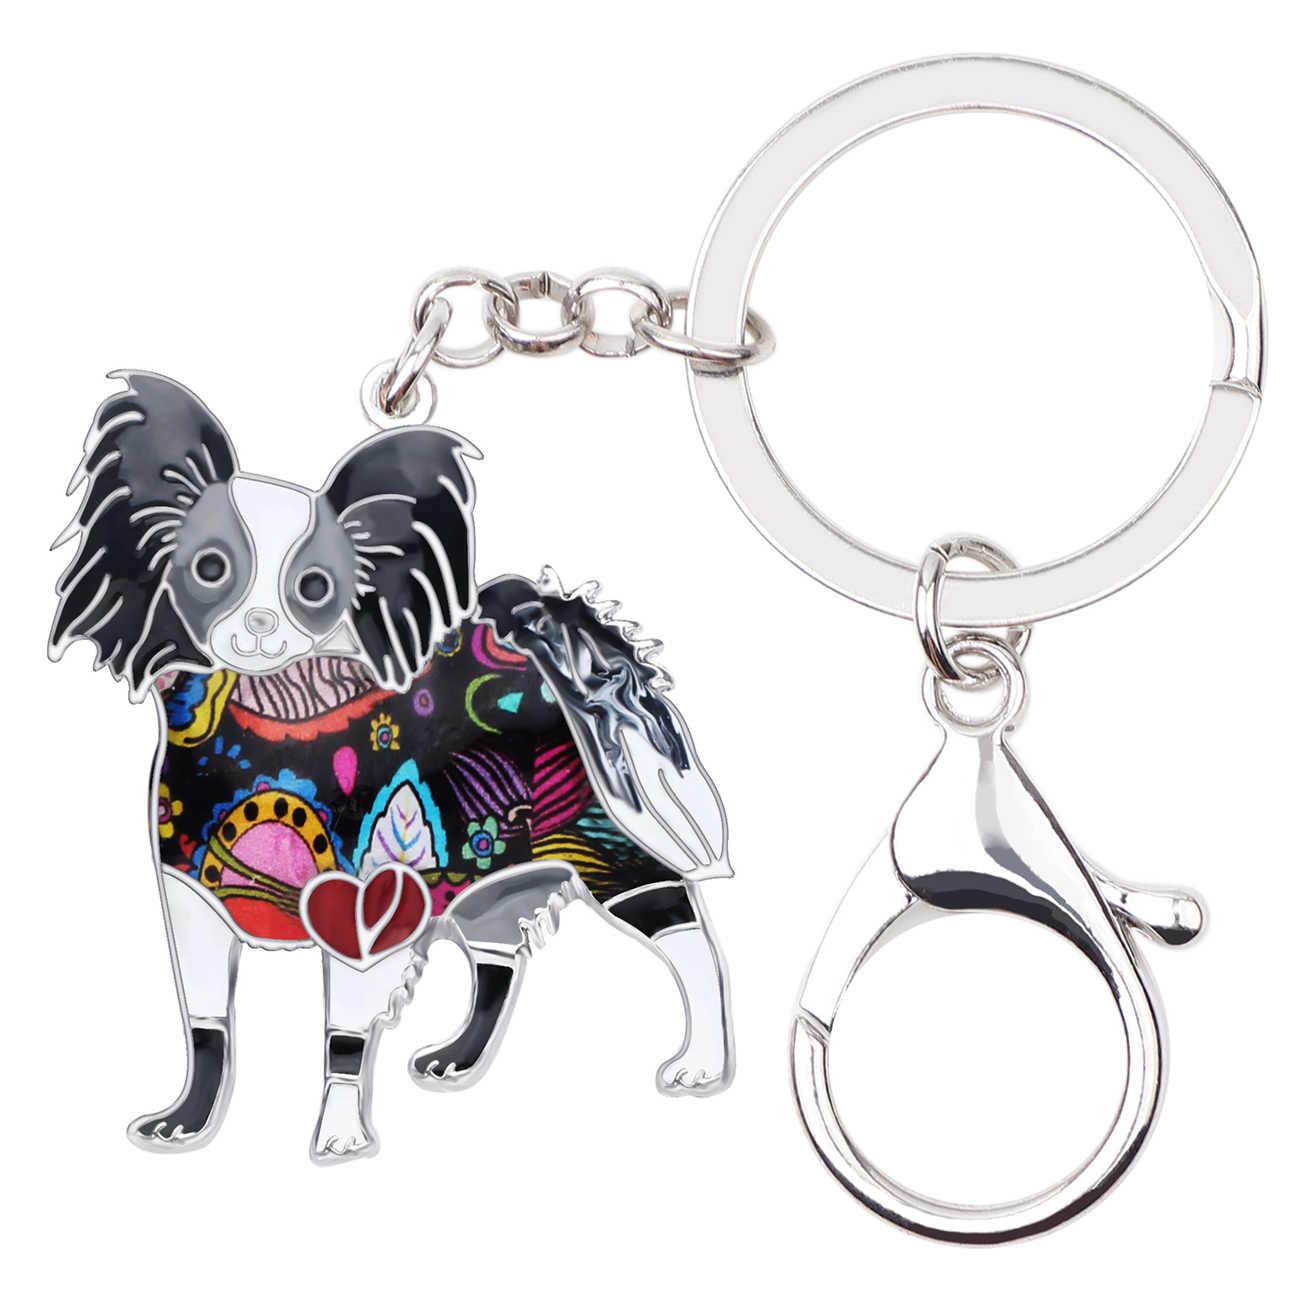 Bonsny Men Hợp Kim Papillon Dog Móc Khóa Móc Chìa Khóa Nhẫn Chủ Mới Lạ Động Vật Trang Sức Cho Phụ Nữ Cô Gái Túi Xe Quyến Rũ Quà Tặng mới